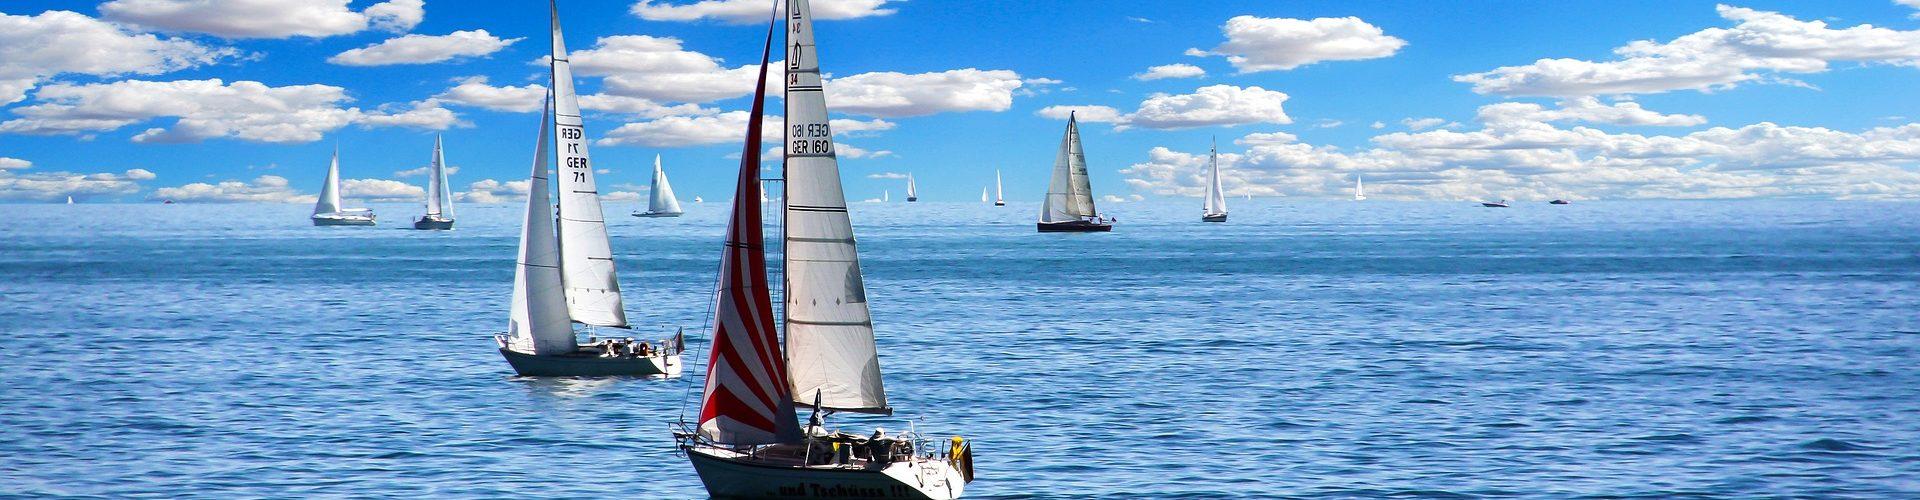 segeln lernen in Potsdam segelschein machen in Potsdam 1920x500 - Segeln lernen in Potsdam